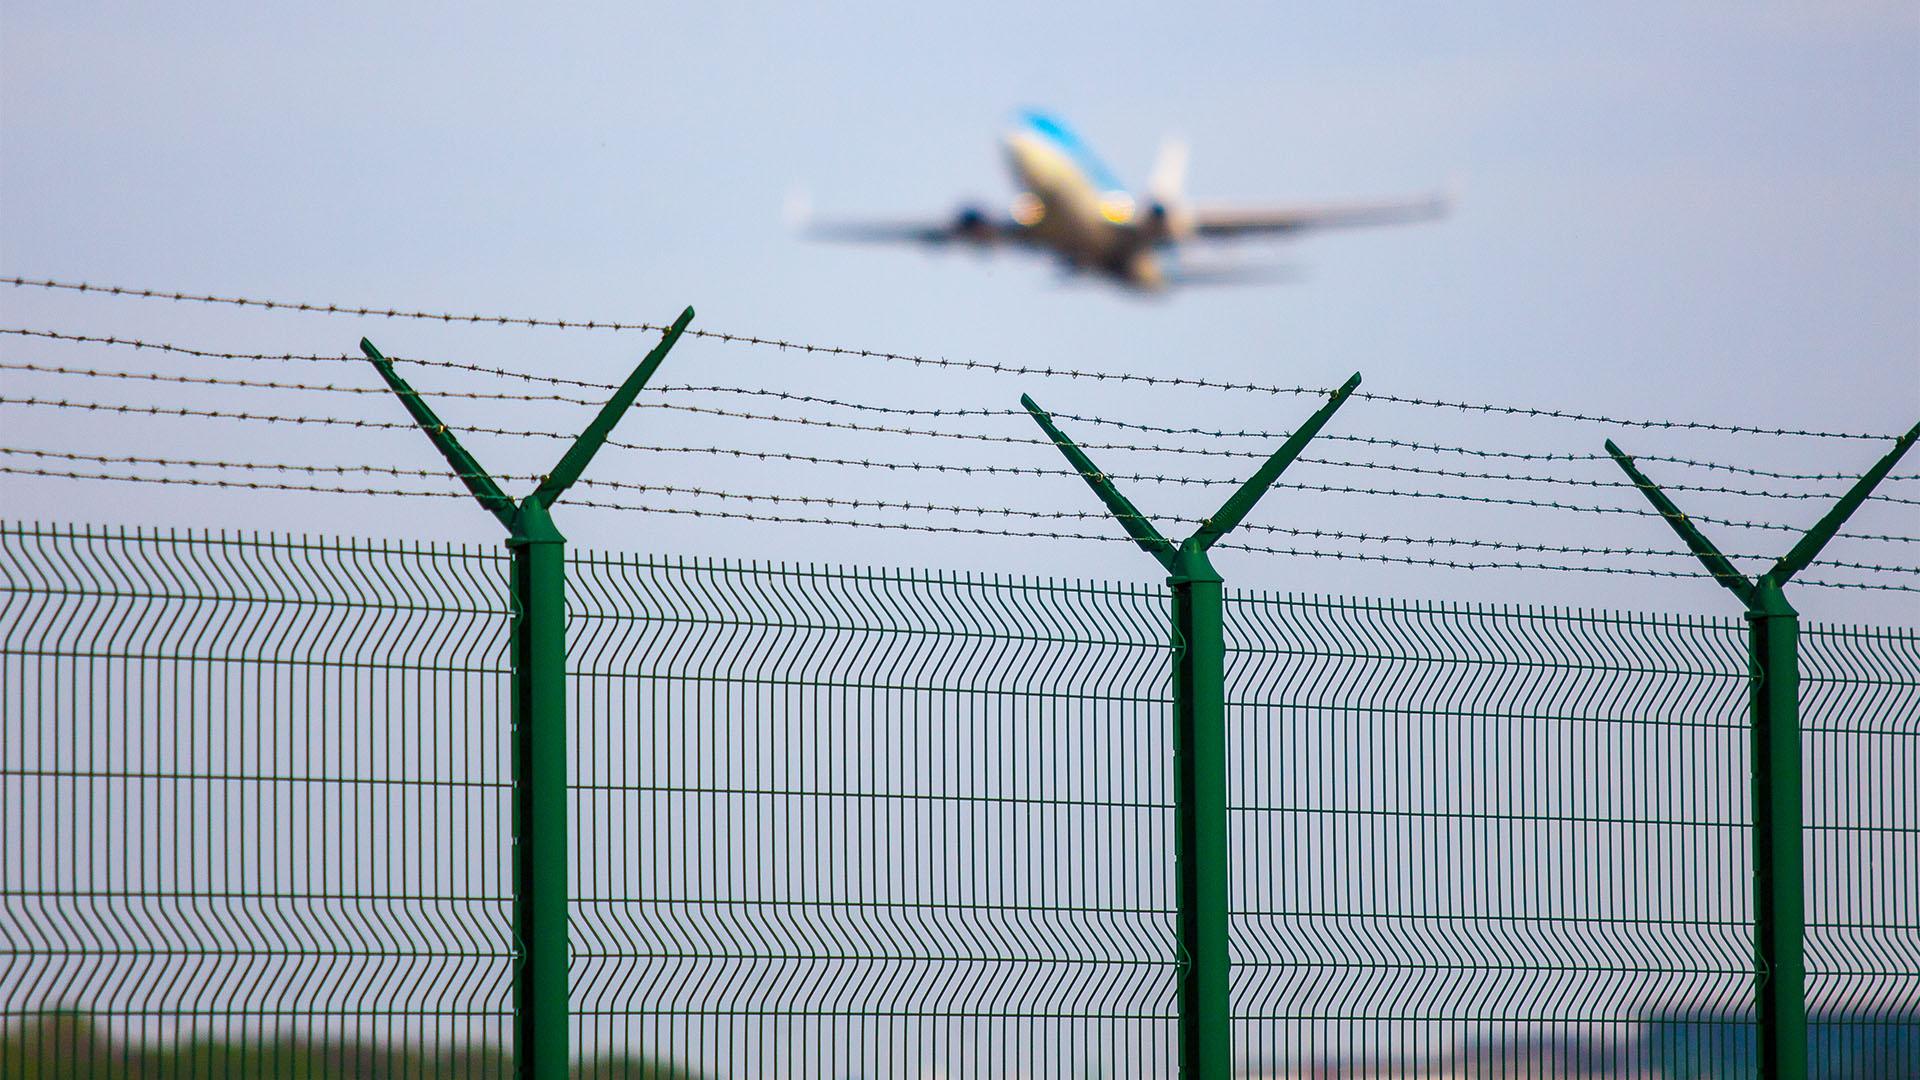 Agresszív férfi hatolt be a budapesti repülőtérre